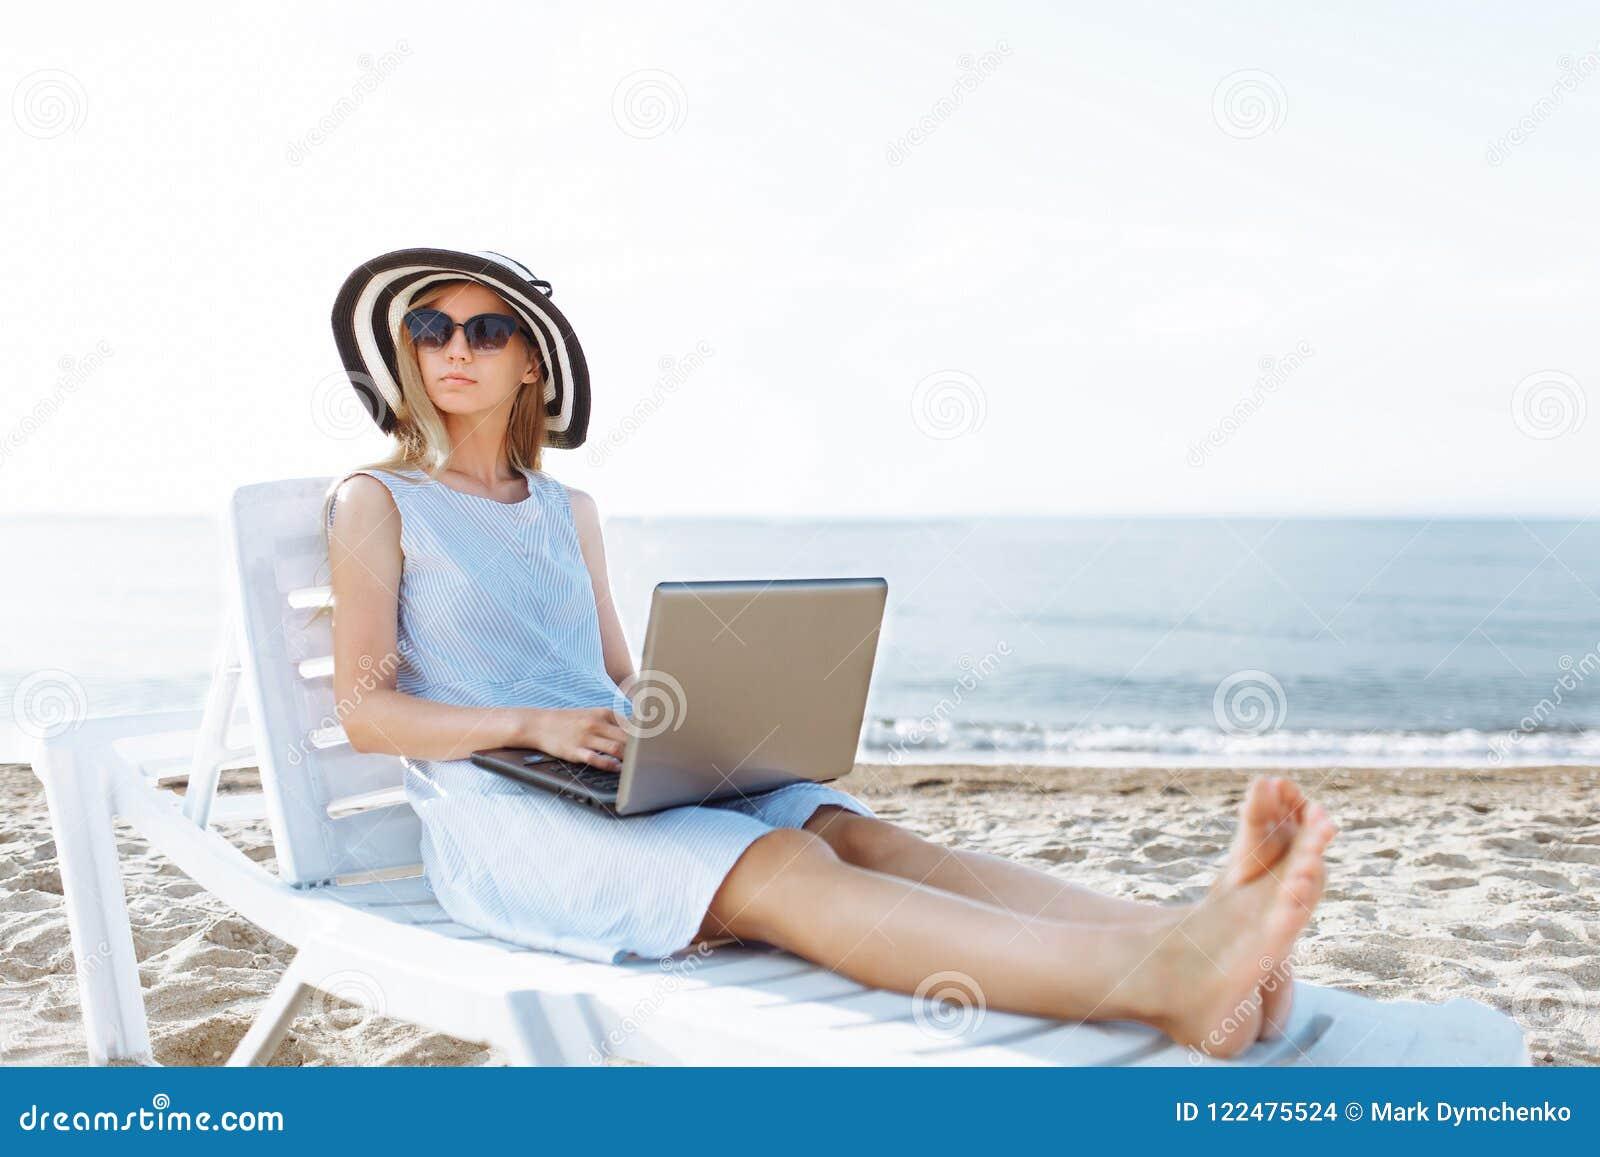 Schönes Mädchen, das mit einem Laptop auf einem Liege, eine Frau im Urlaub arbeitet, Jobsuche sitzt